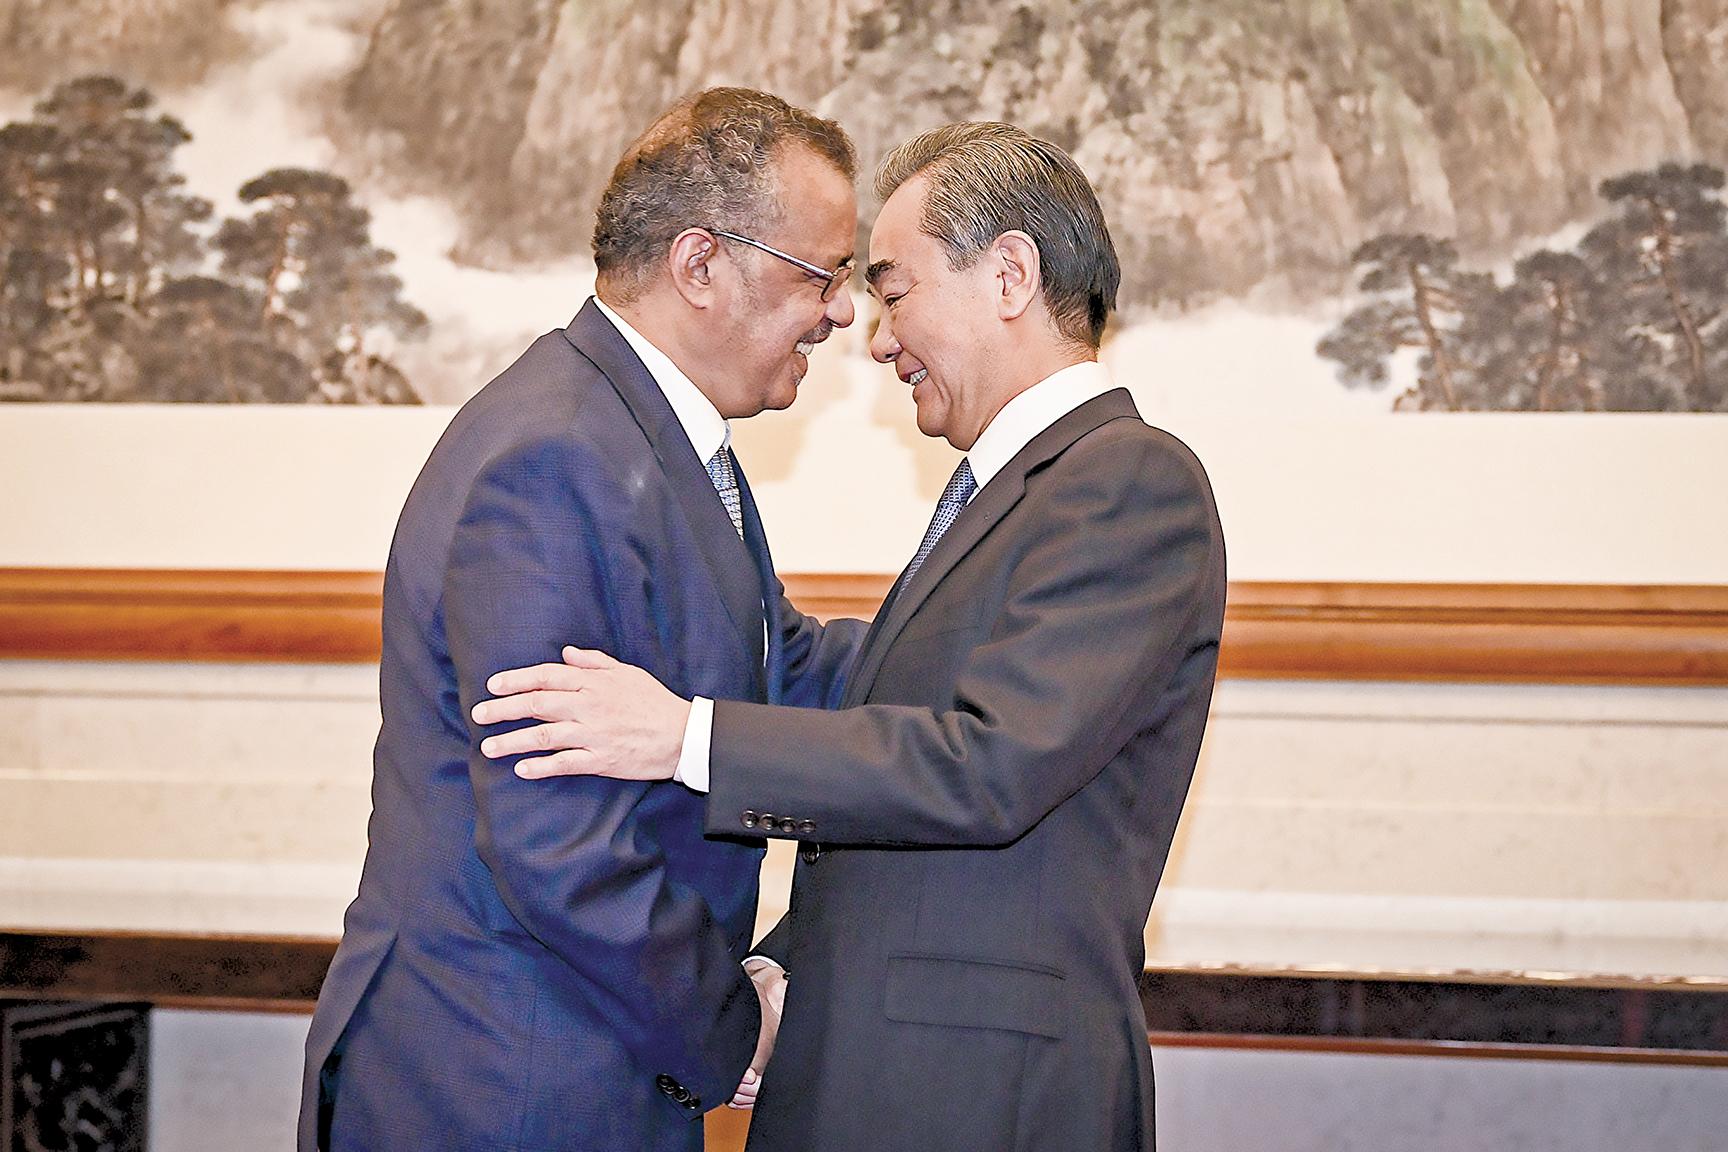 2020年1月28日,WHO總幹事譚德塞在北京釣魚台國賓館與中共外長王毅握手。(Getty Images)